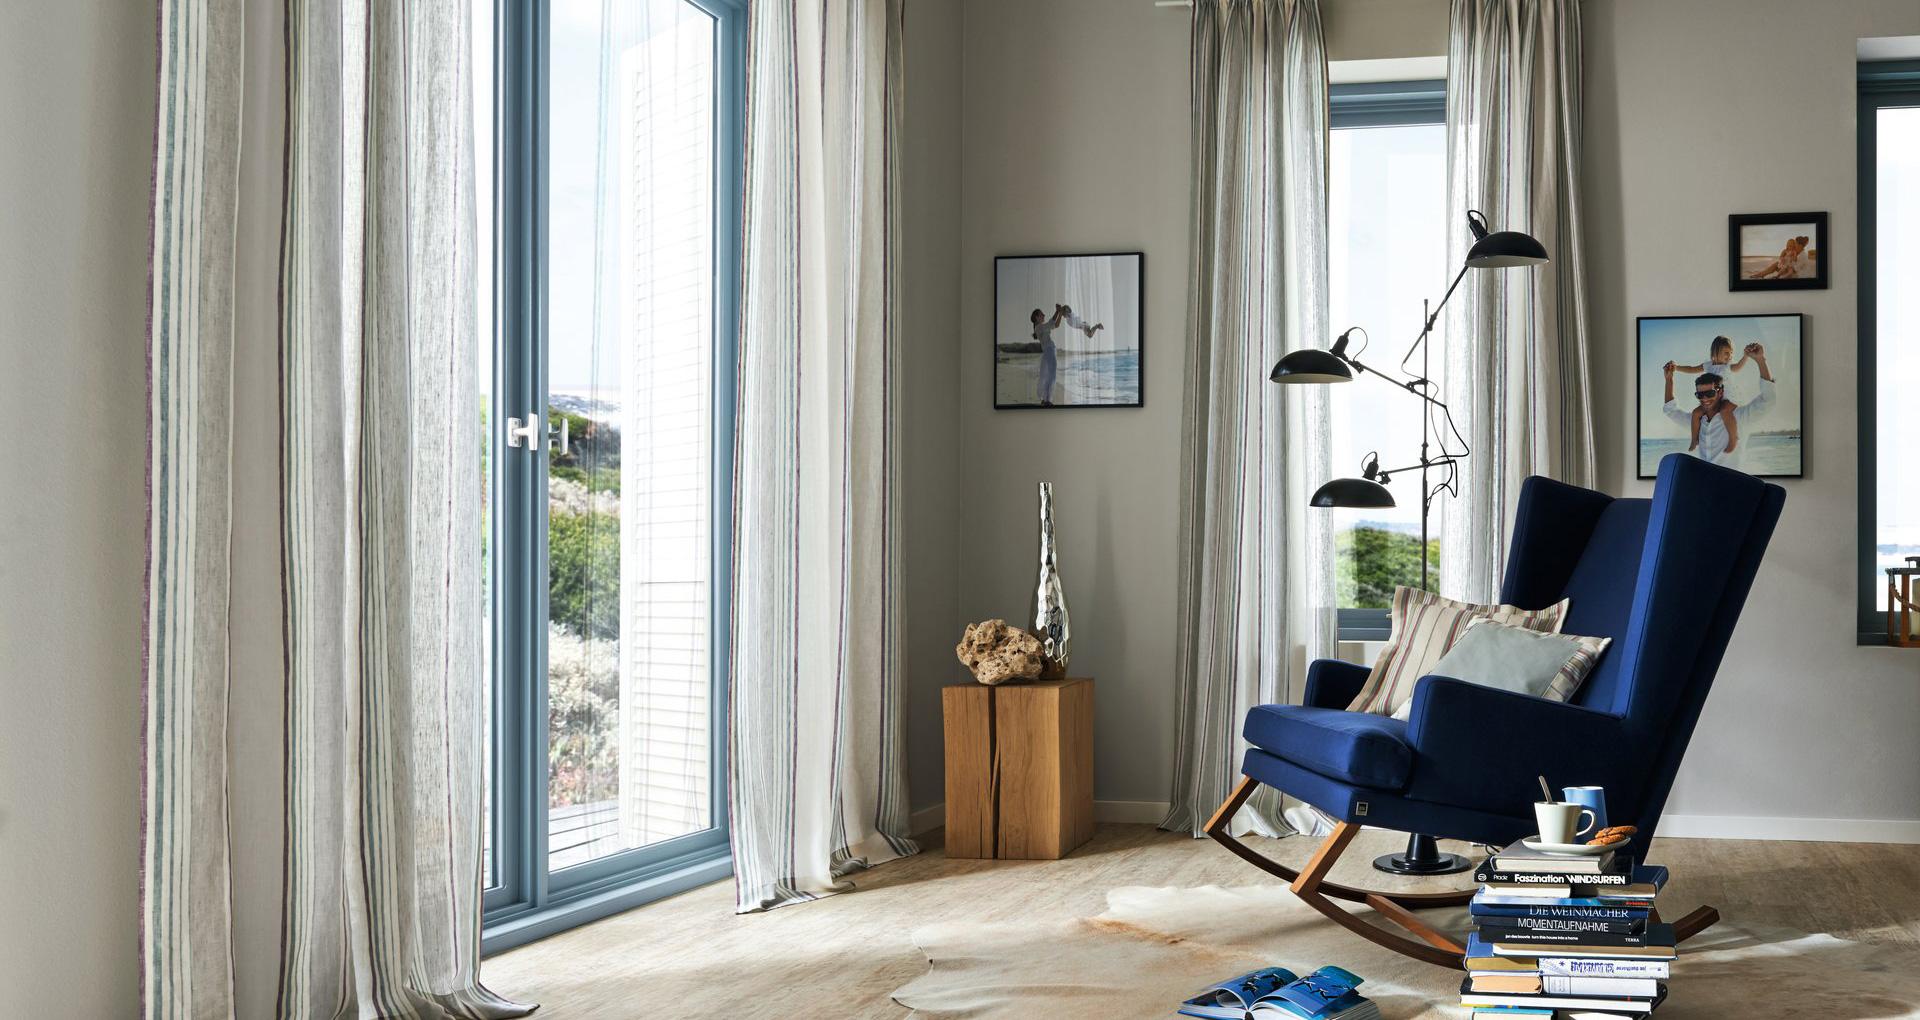 Gardinen dekostoffe dekoline modernes wohndesign in pasewalk - Gardinen modernes wohnen ...